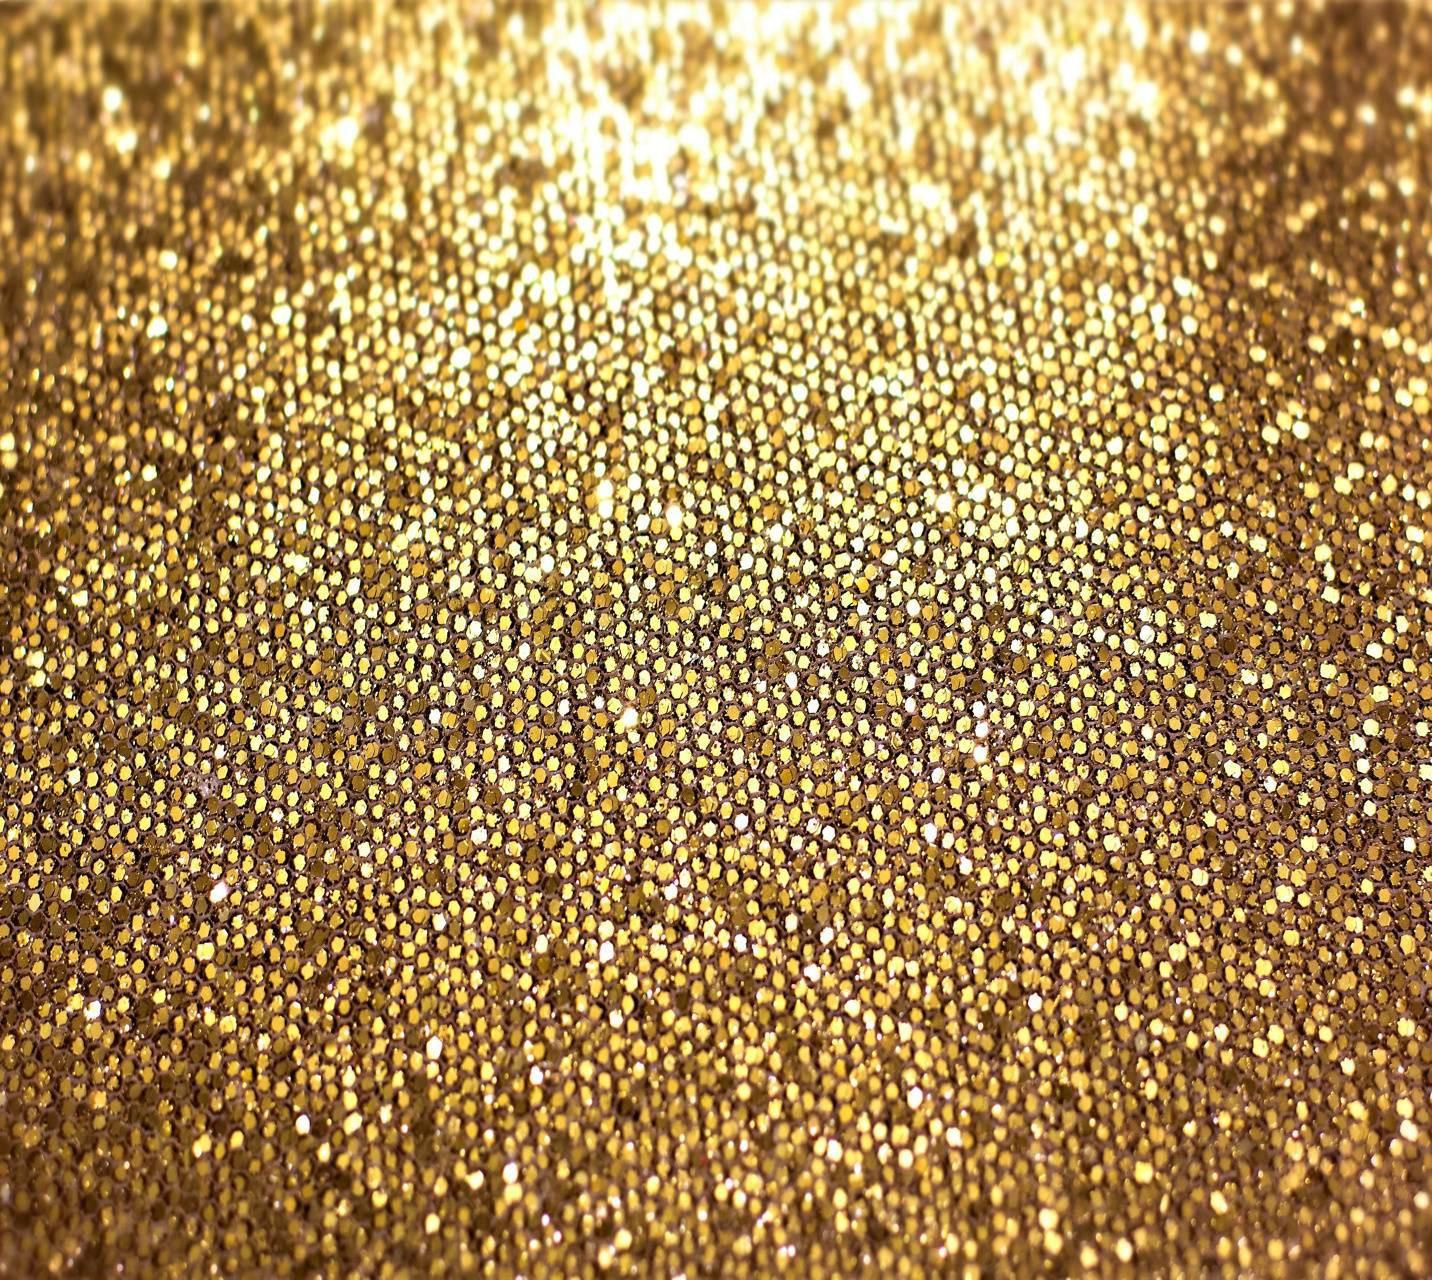 عکس زمینه لاکچری طلایی پس زمینه